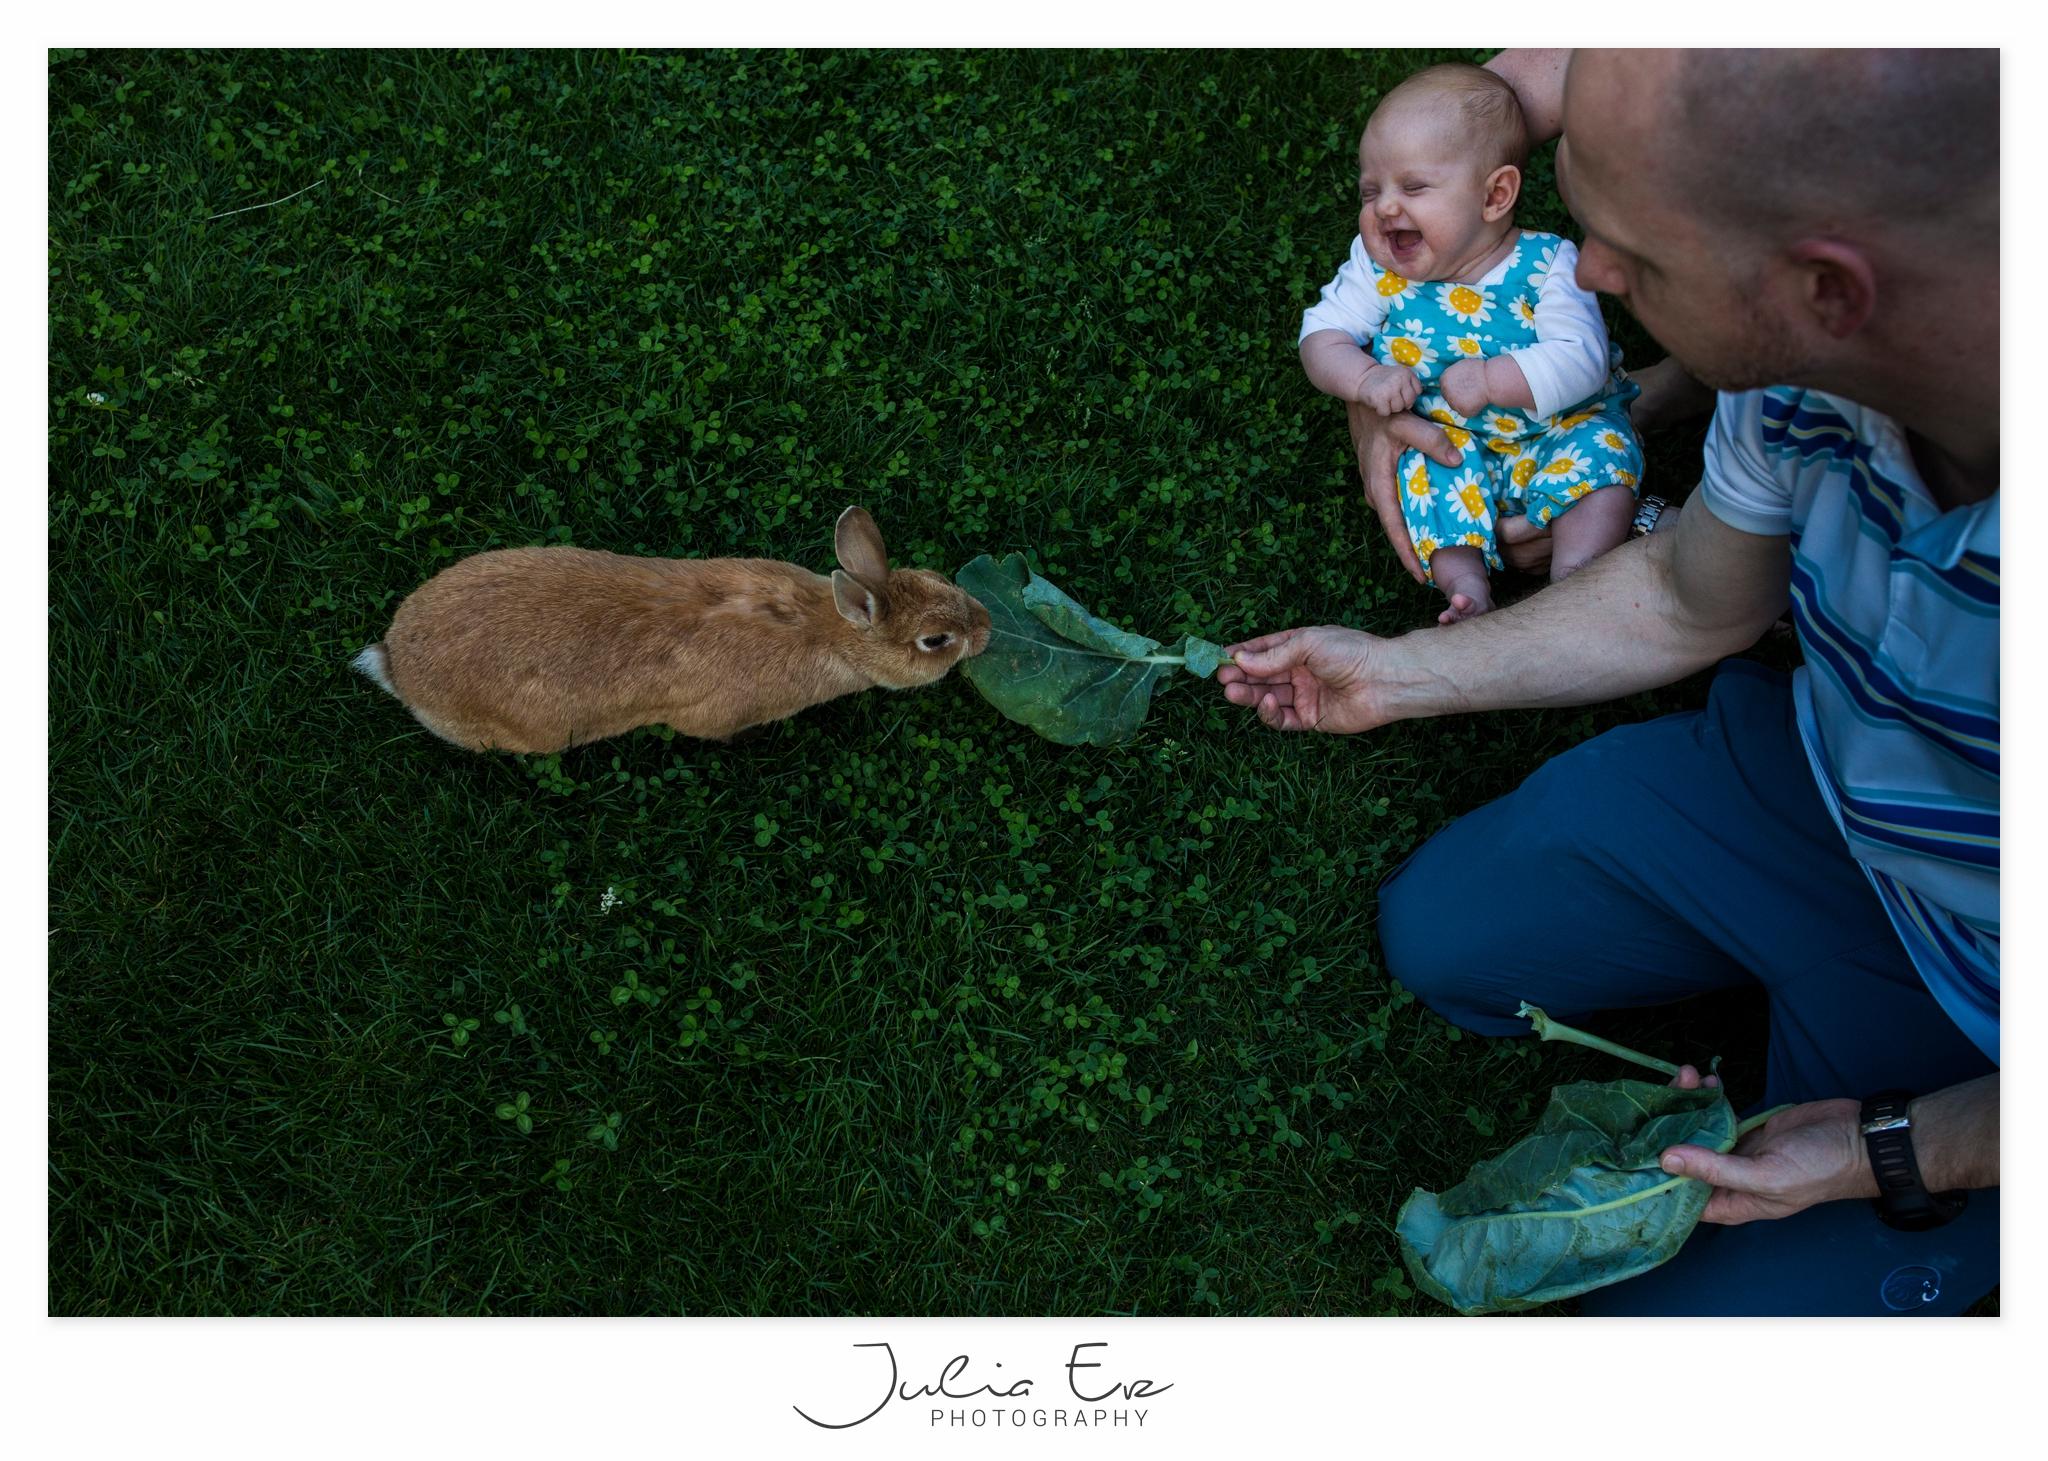 Familienfotografie Julia Erz - Baby lachend mit Hase